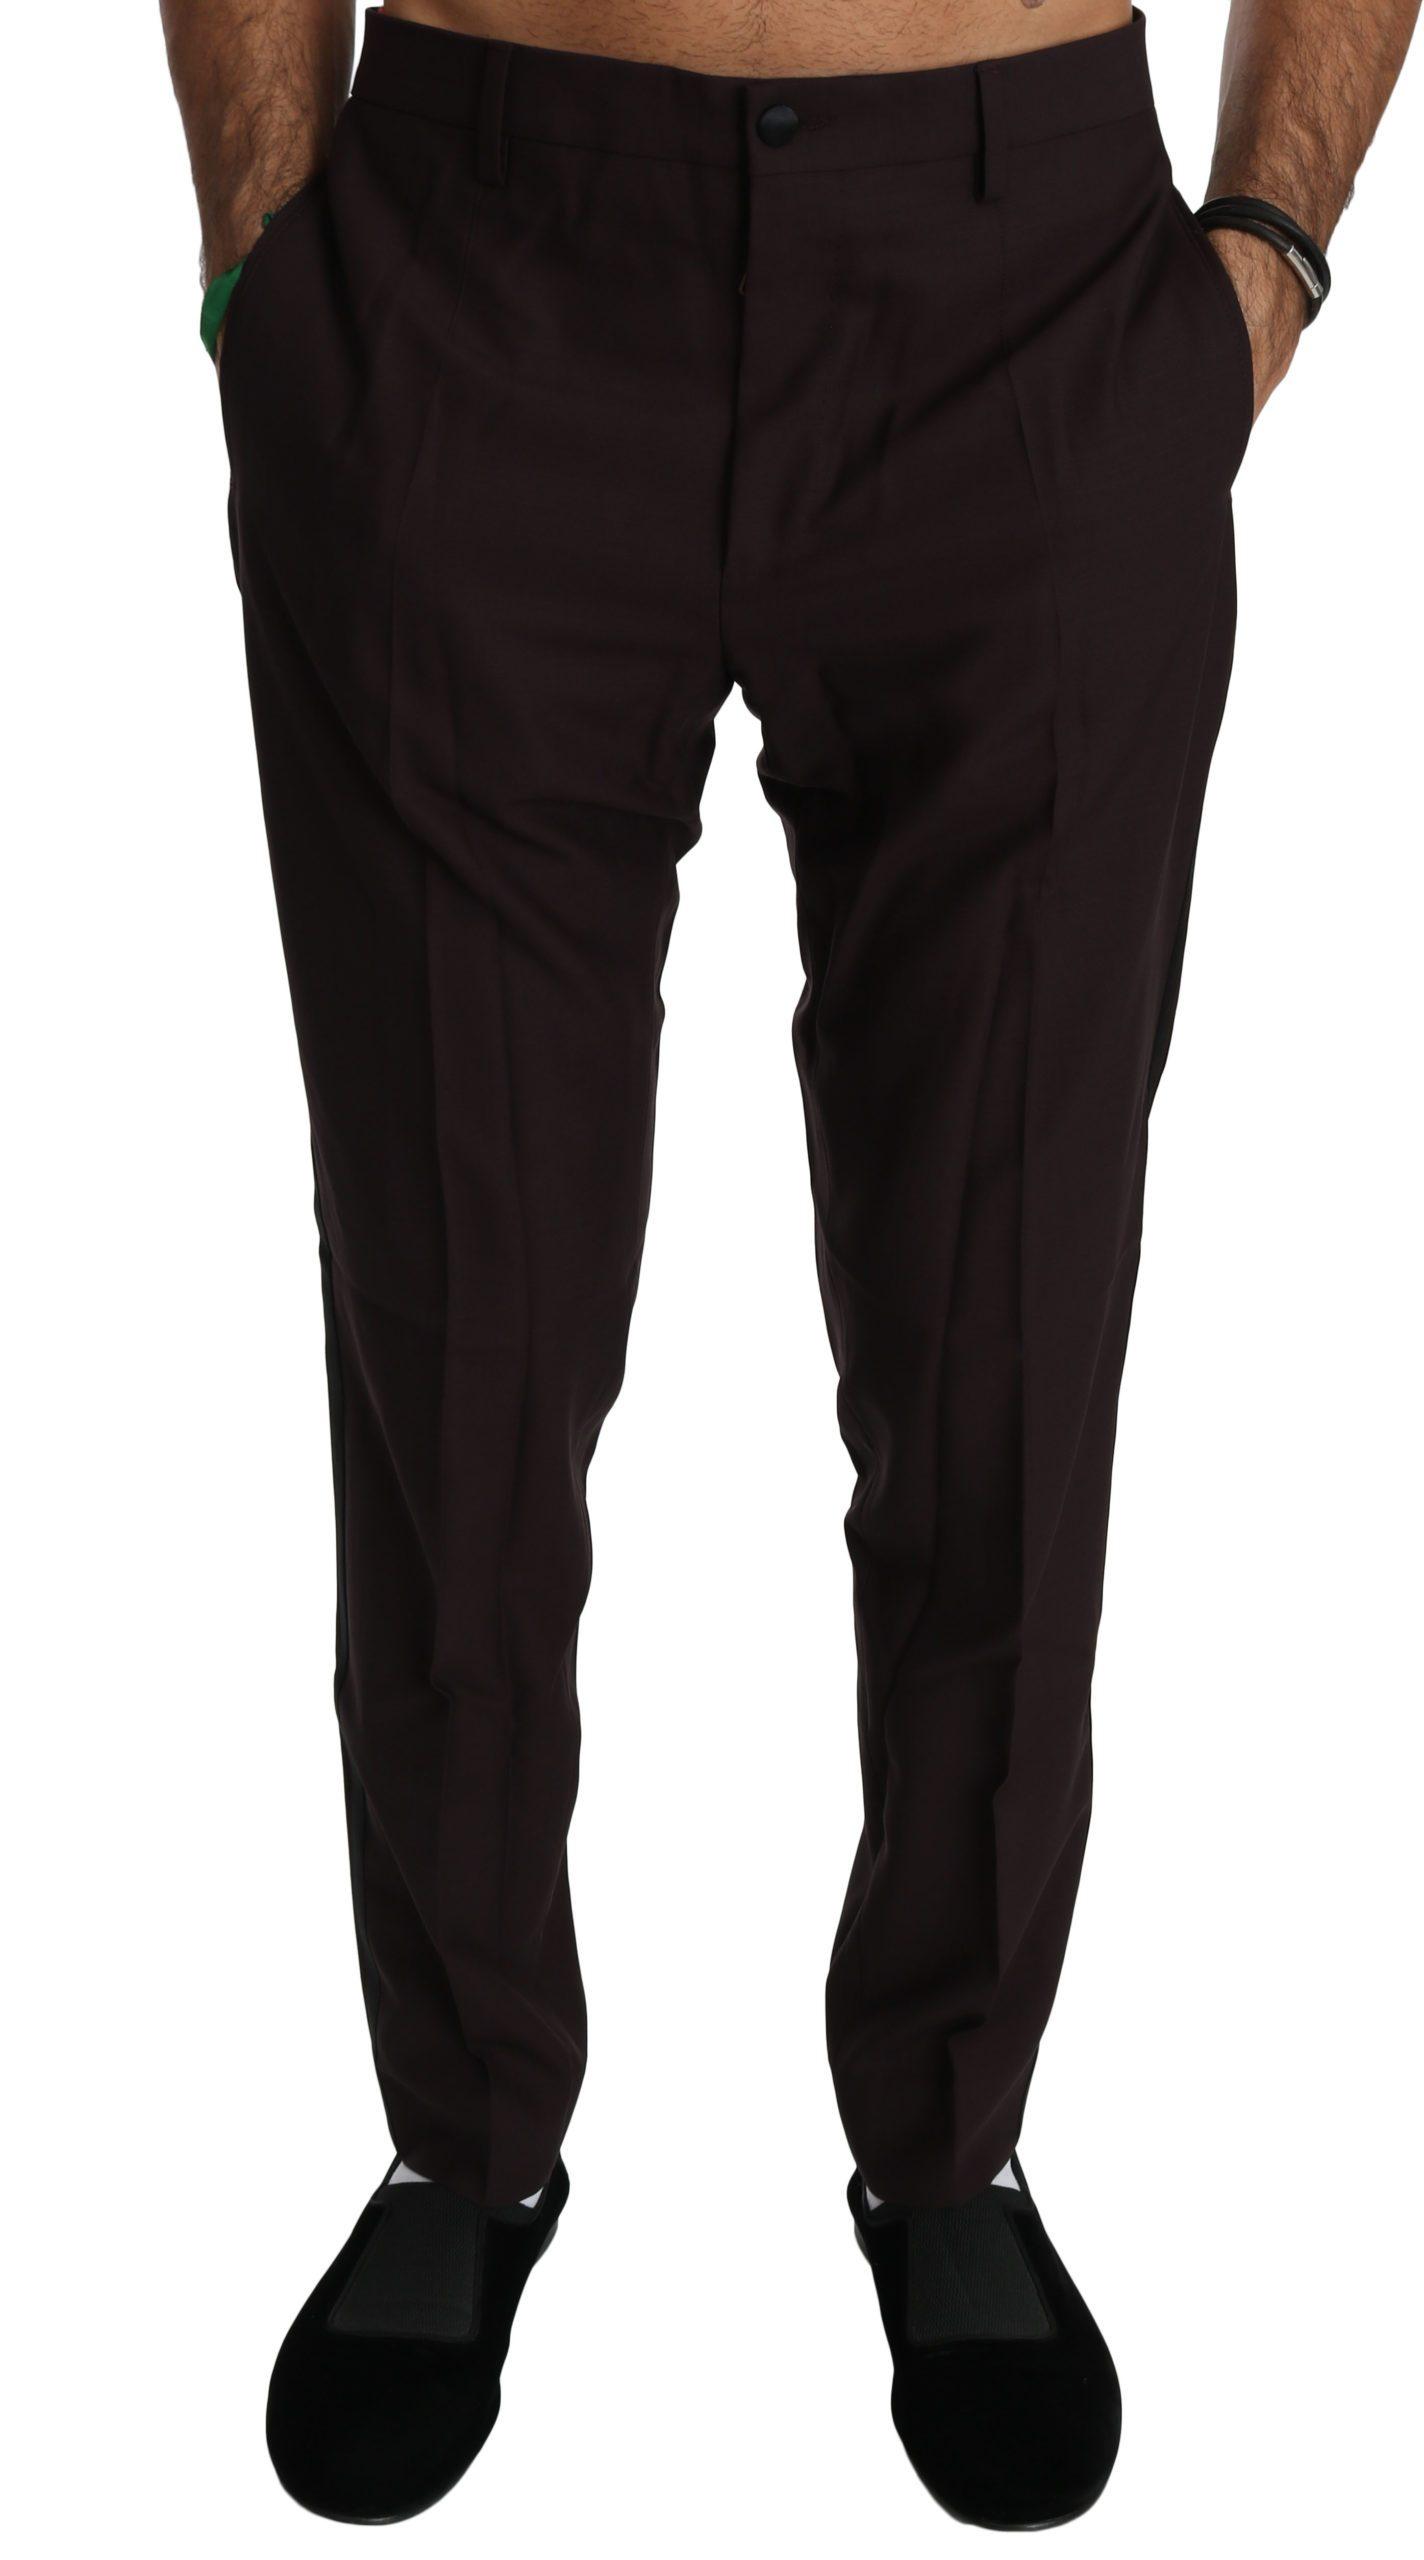 Dolce & Gabbana Men's Striped Cotton Dress Formal Trouser Brown PAN70764 - IT50 | L